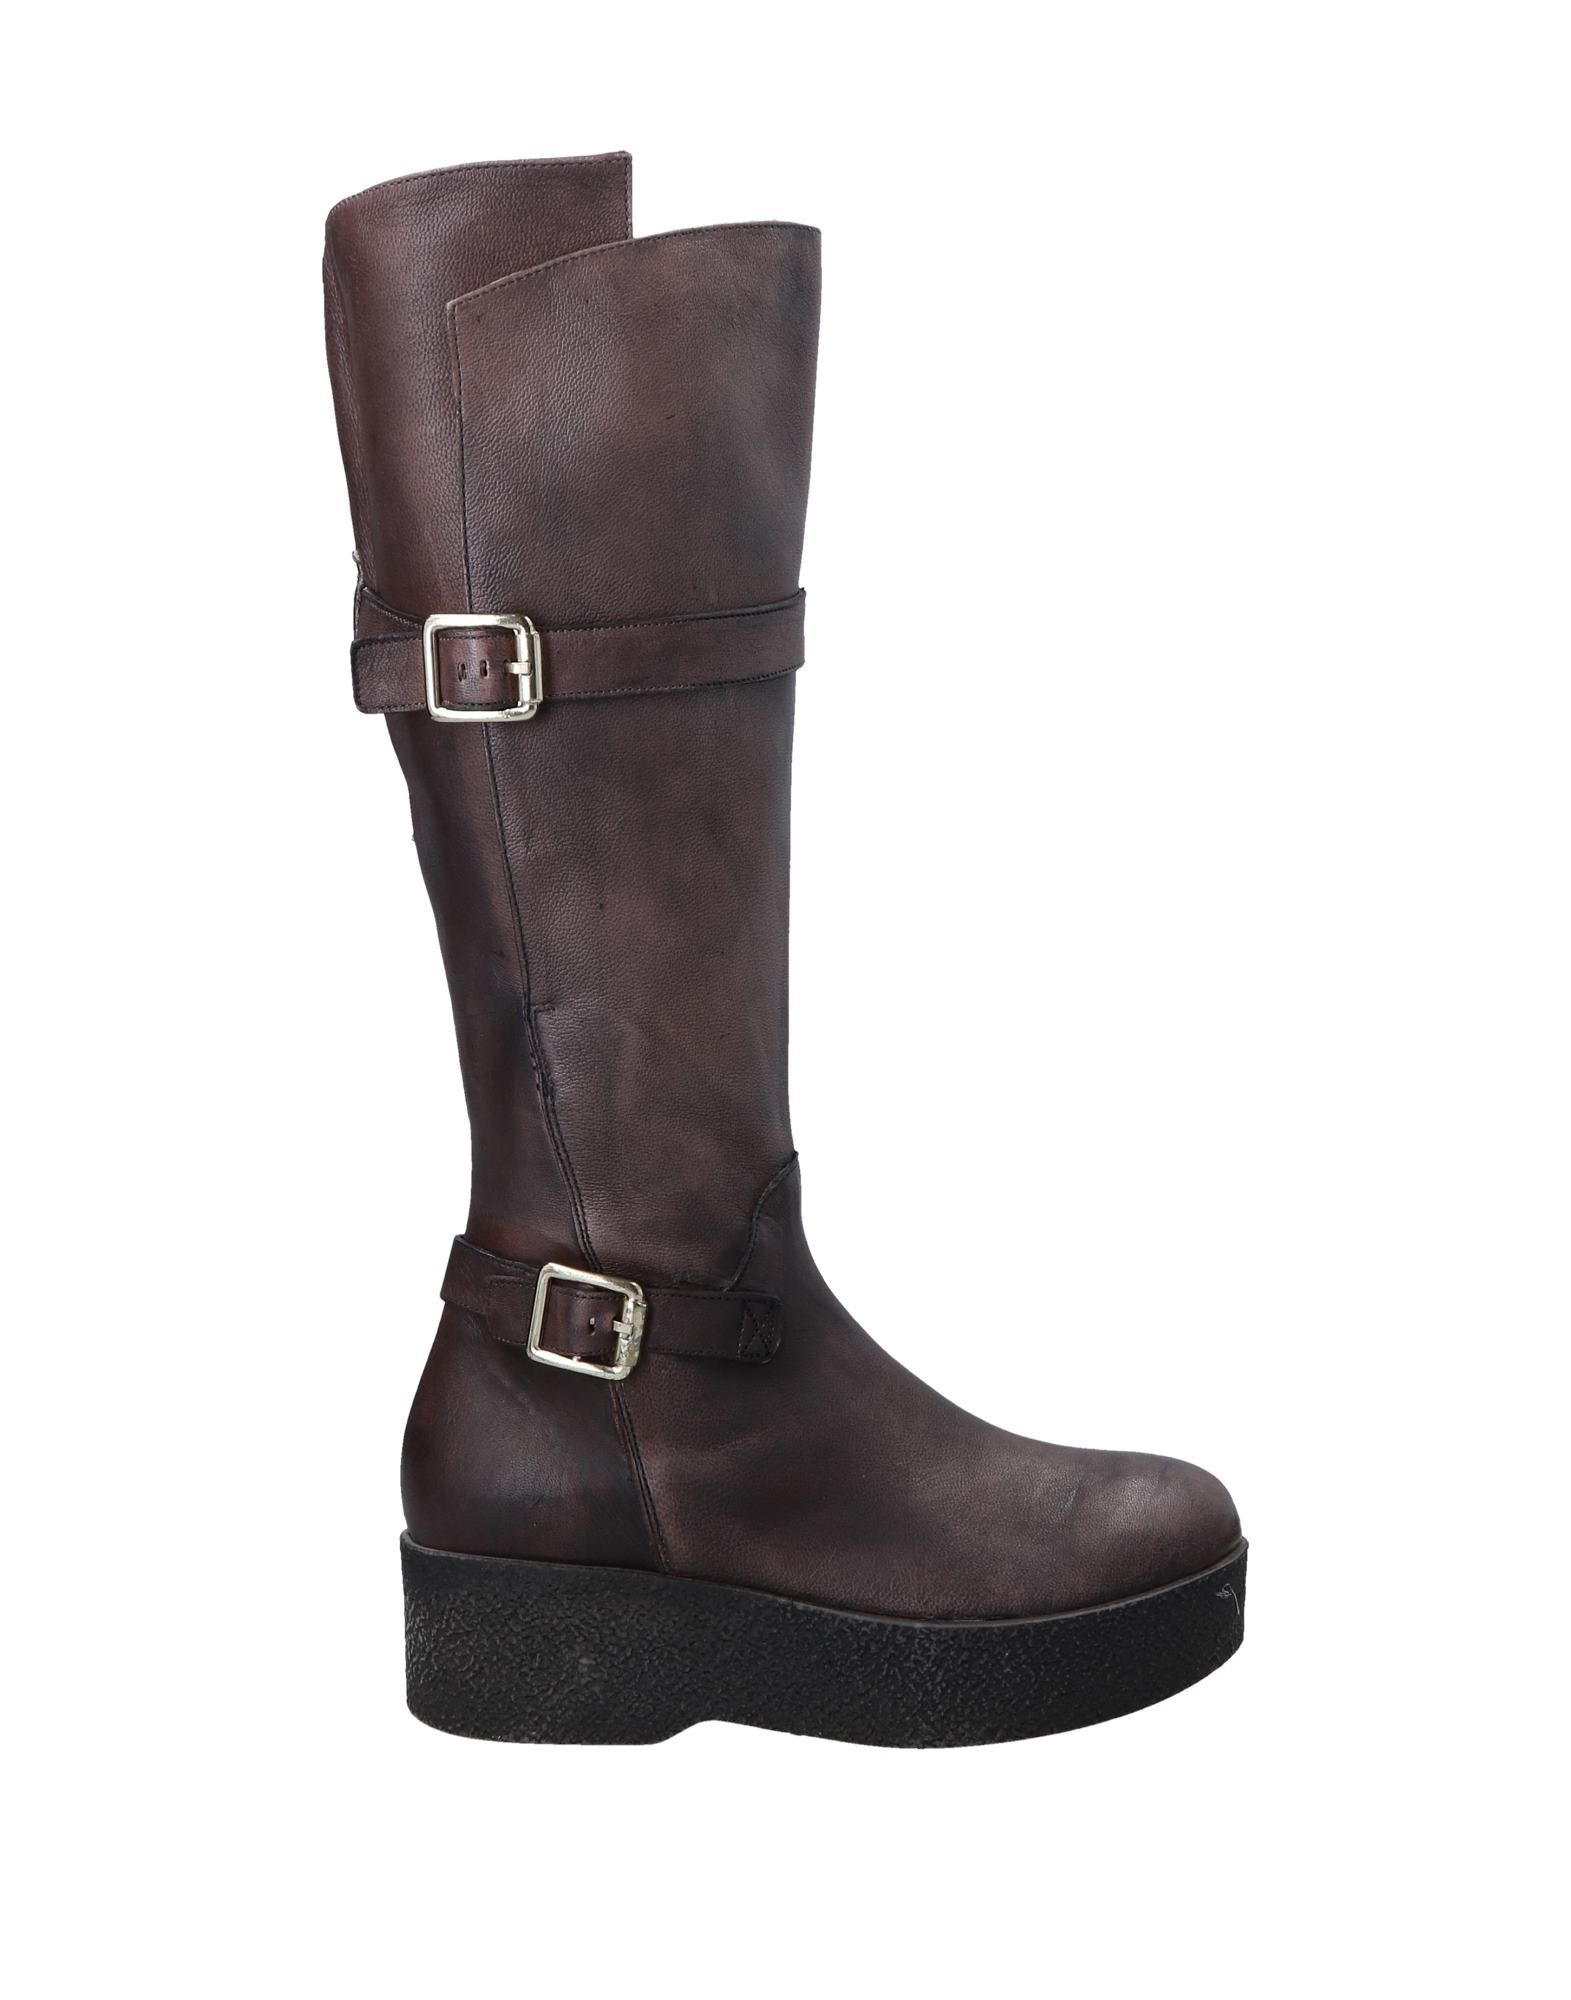 Pf16 on Boots - Women Pf16 Boots online on Pf16  Australia - 11550238MG fd56f4